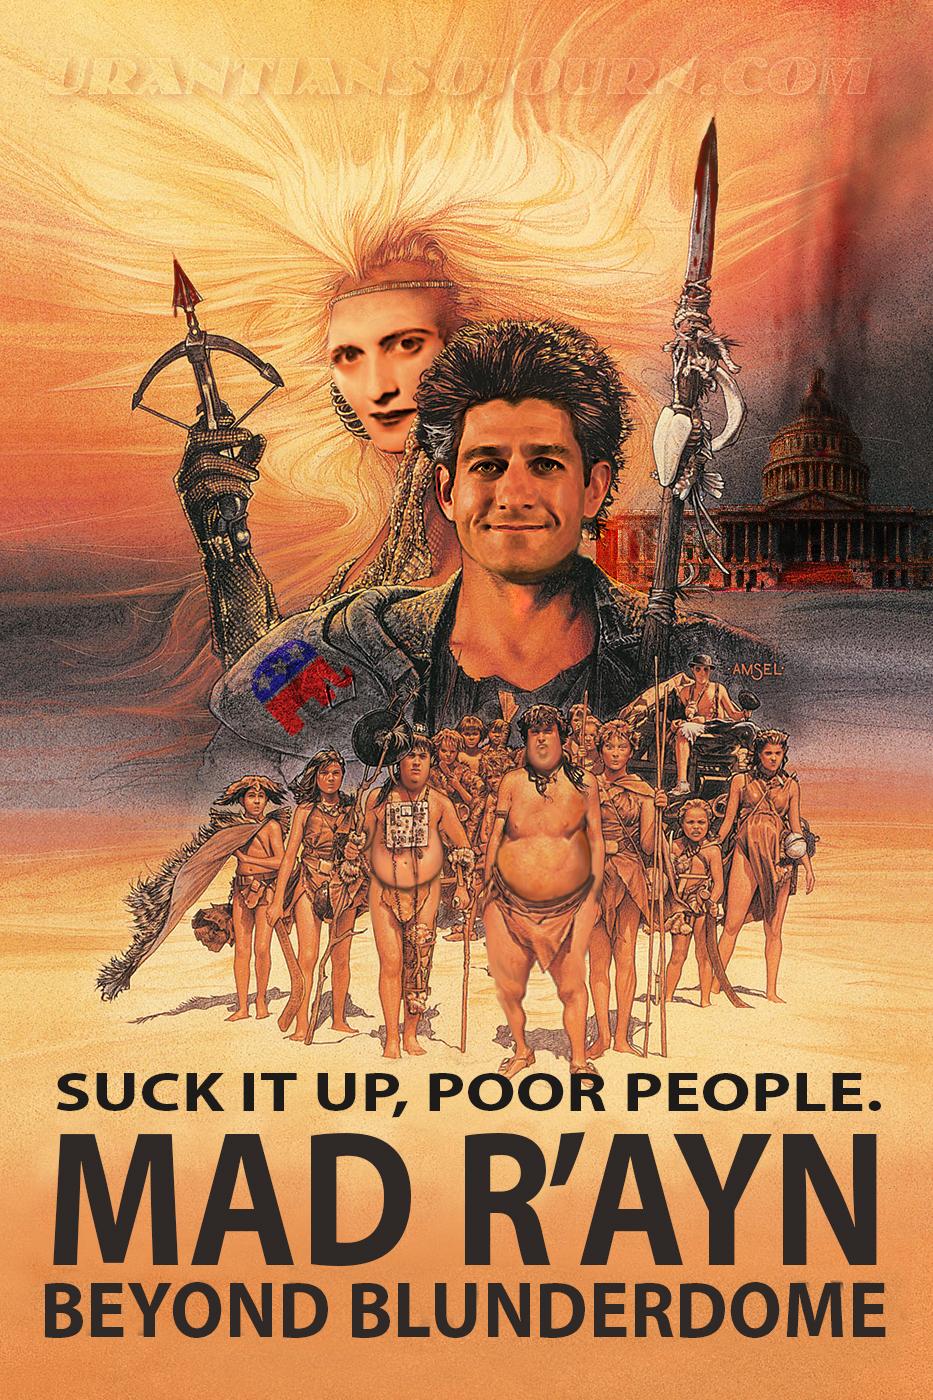 Paul Ryan Beyond Blunderdome